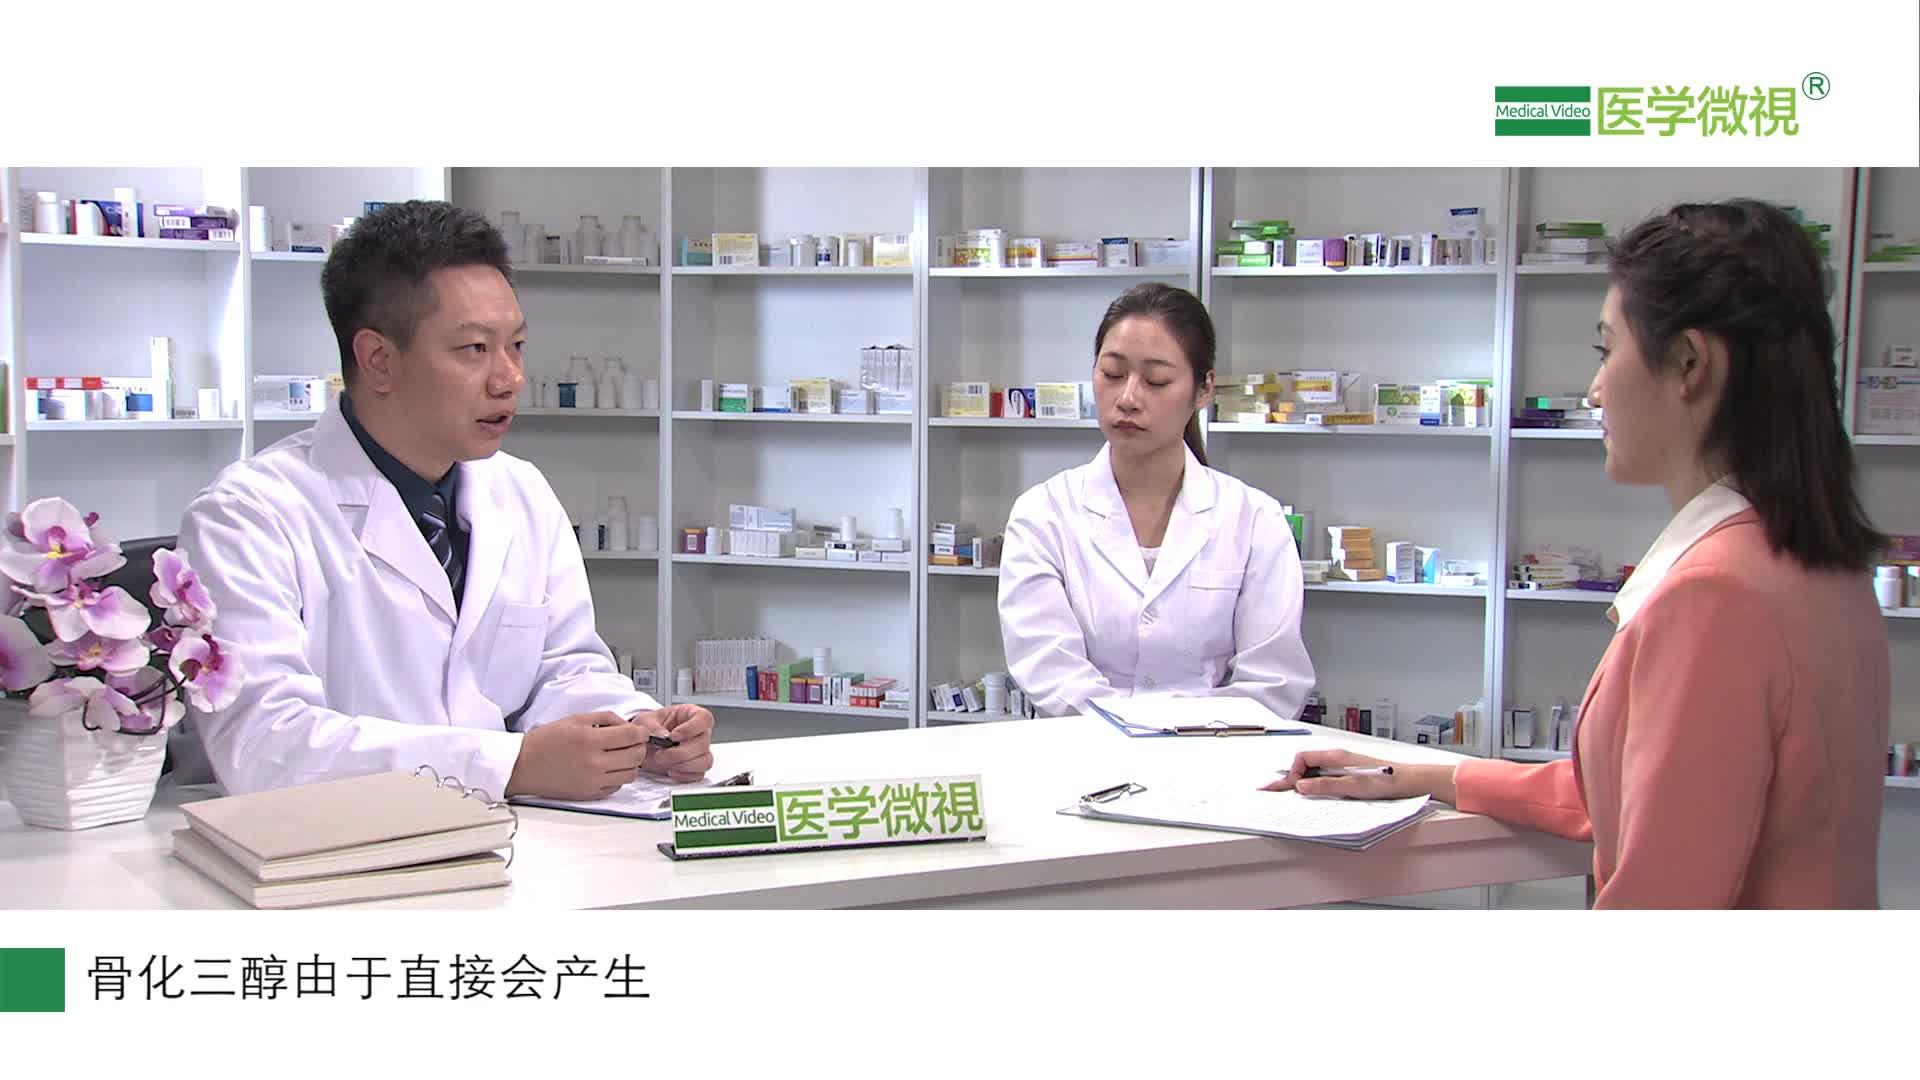 为什么透析患者会用到骨化三醇?是治什么的?男人能吃吗?